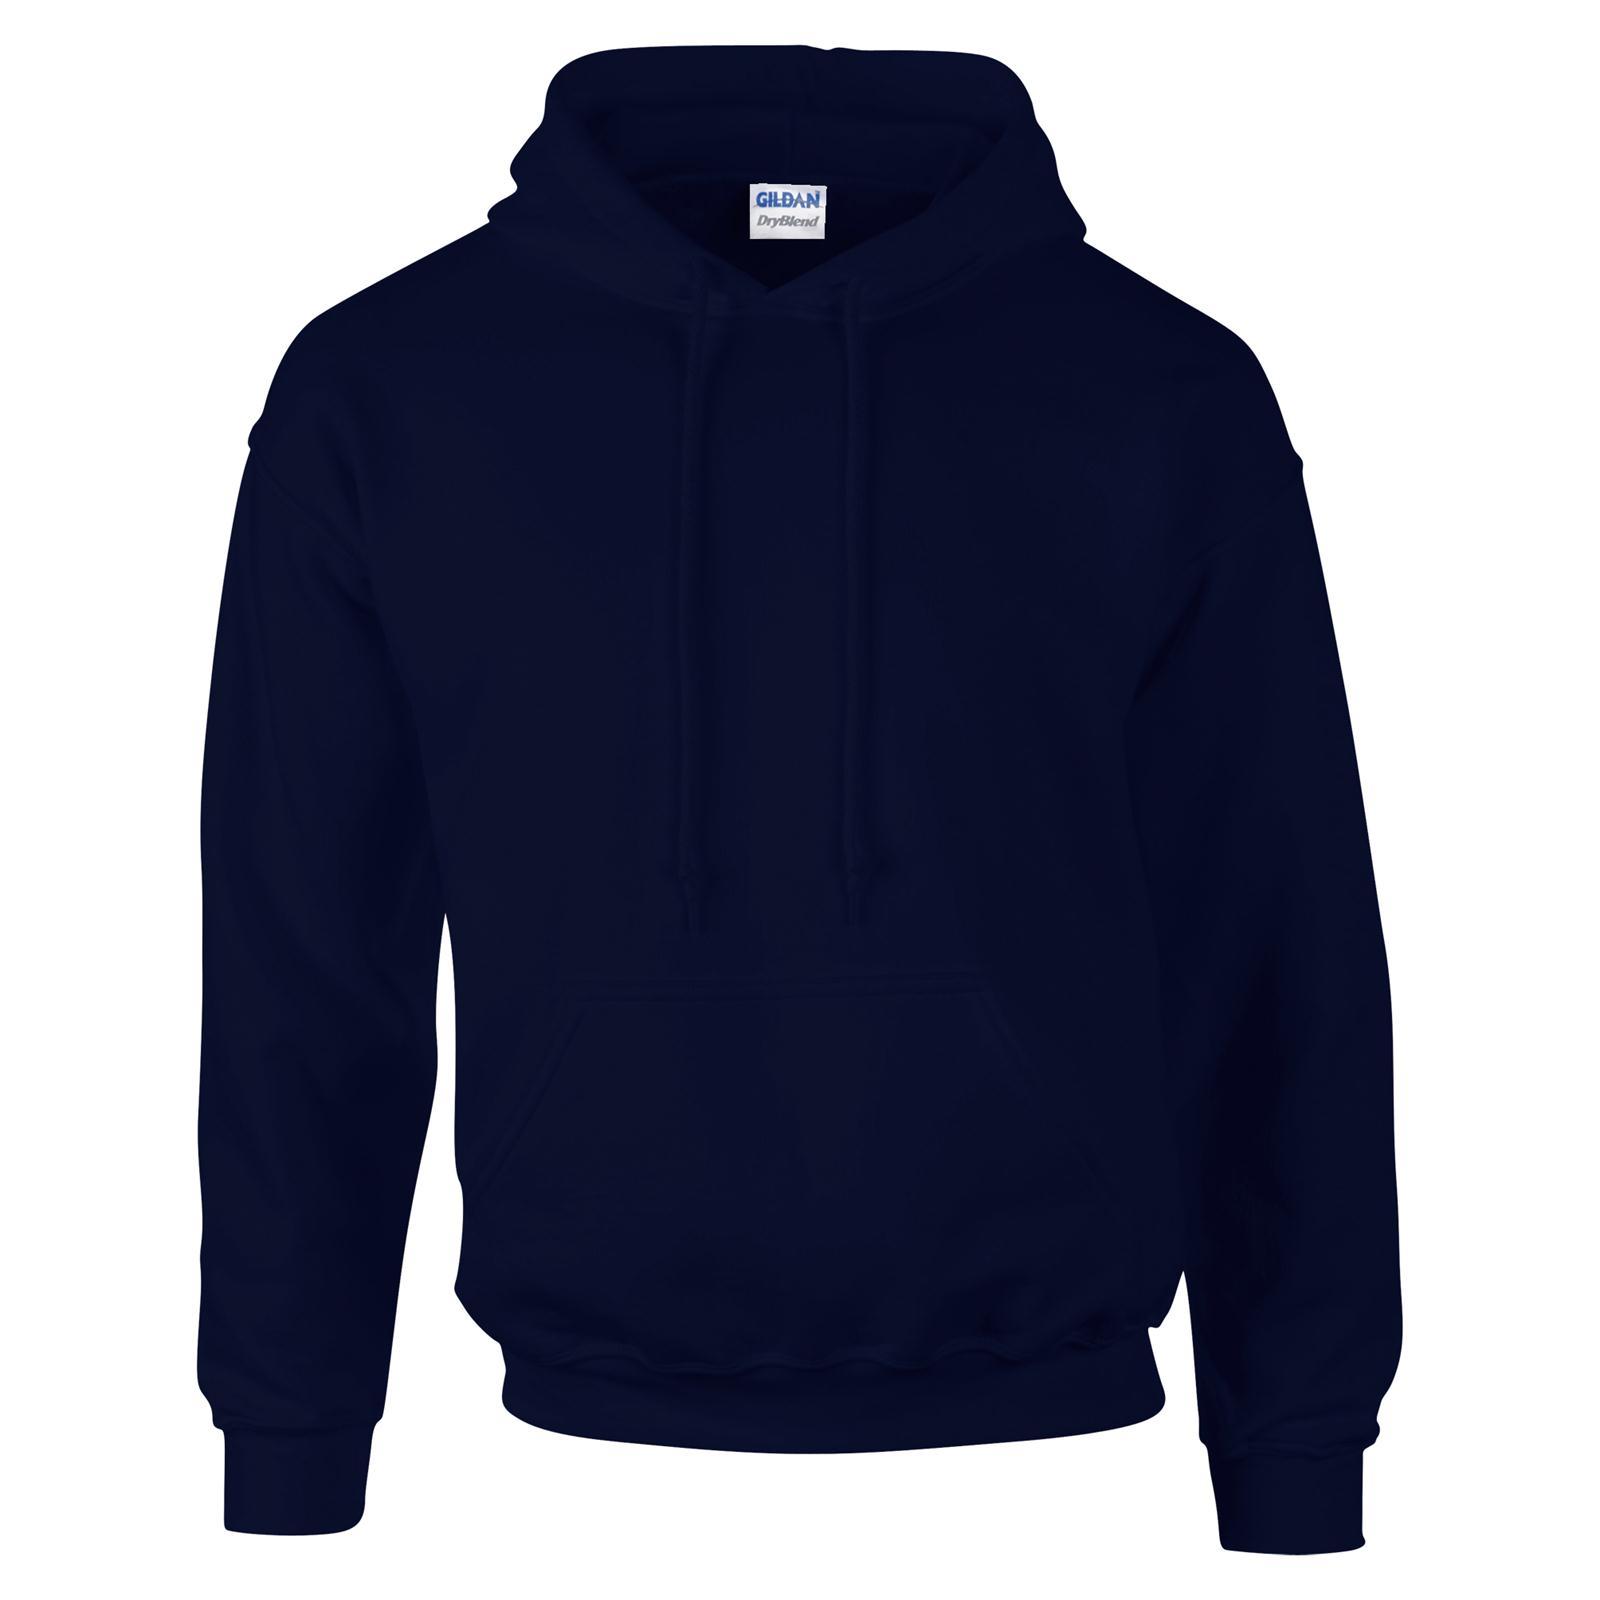 GILDAN Unisex Adults Dry Blend Hoodie Hooded Sweatshirt 14 Colours ...